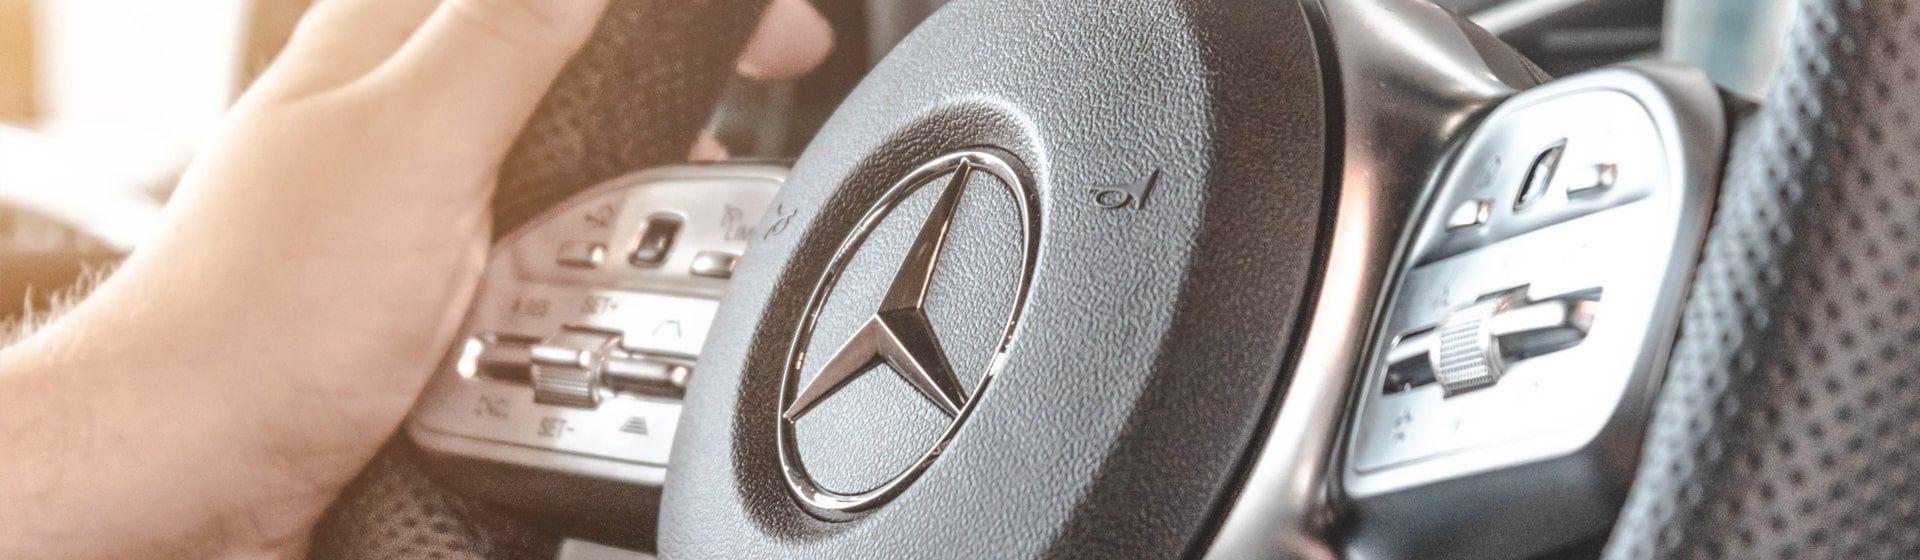 Keine vorsätzliche, sittenwidrige Schädigung durch Thermofenster bei Daimler-Fahrzeugen